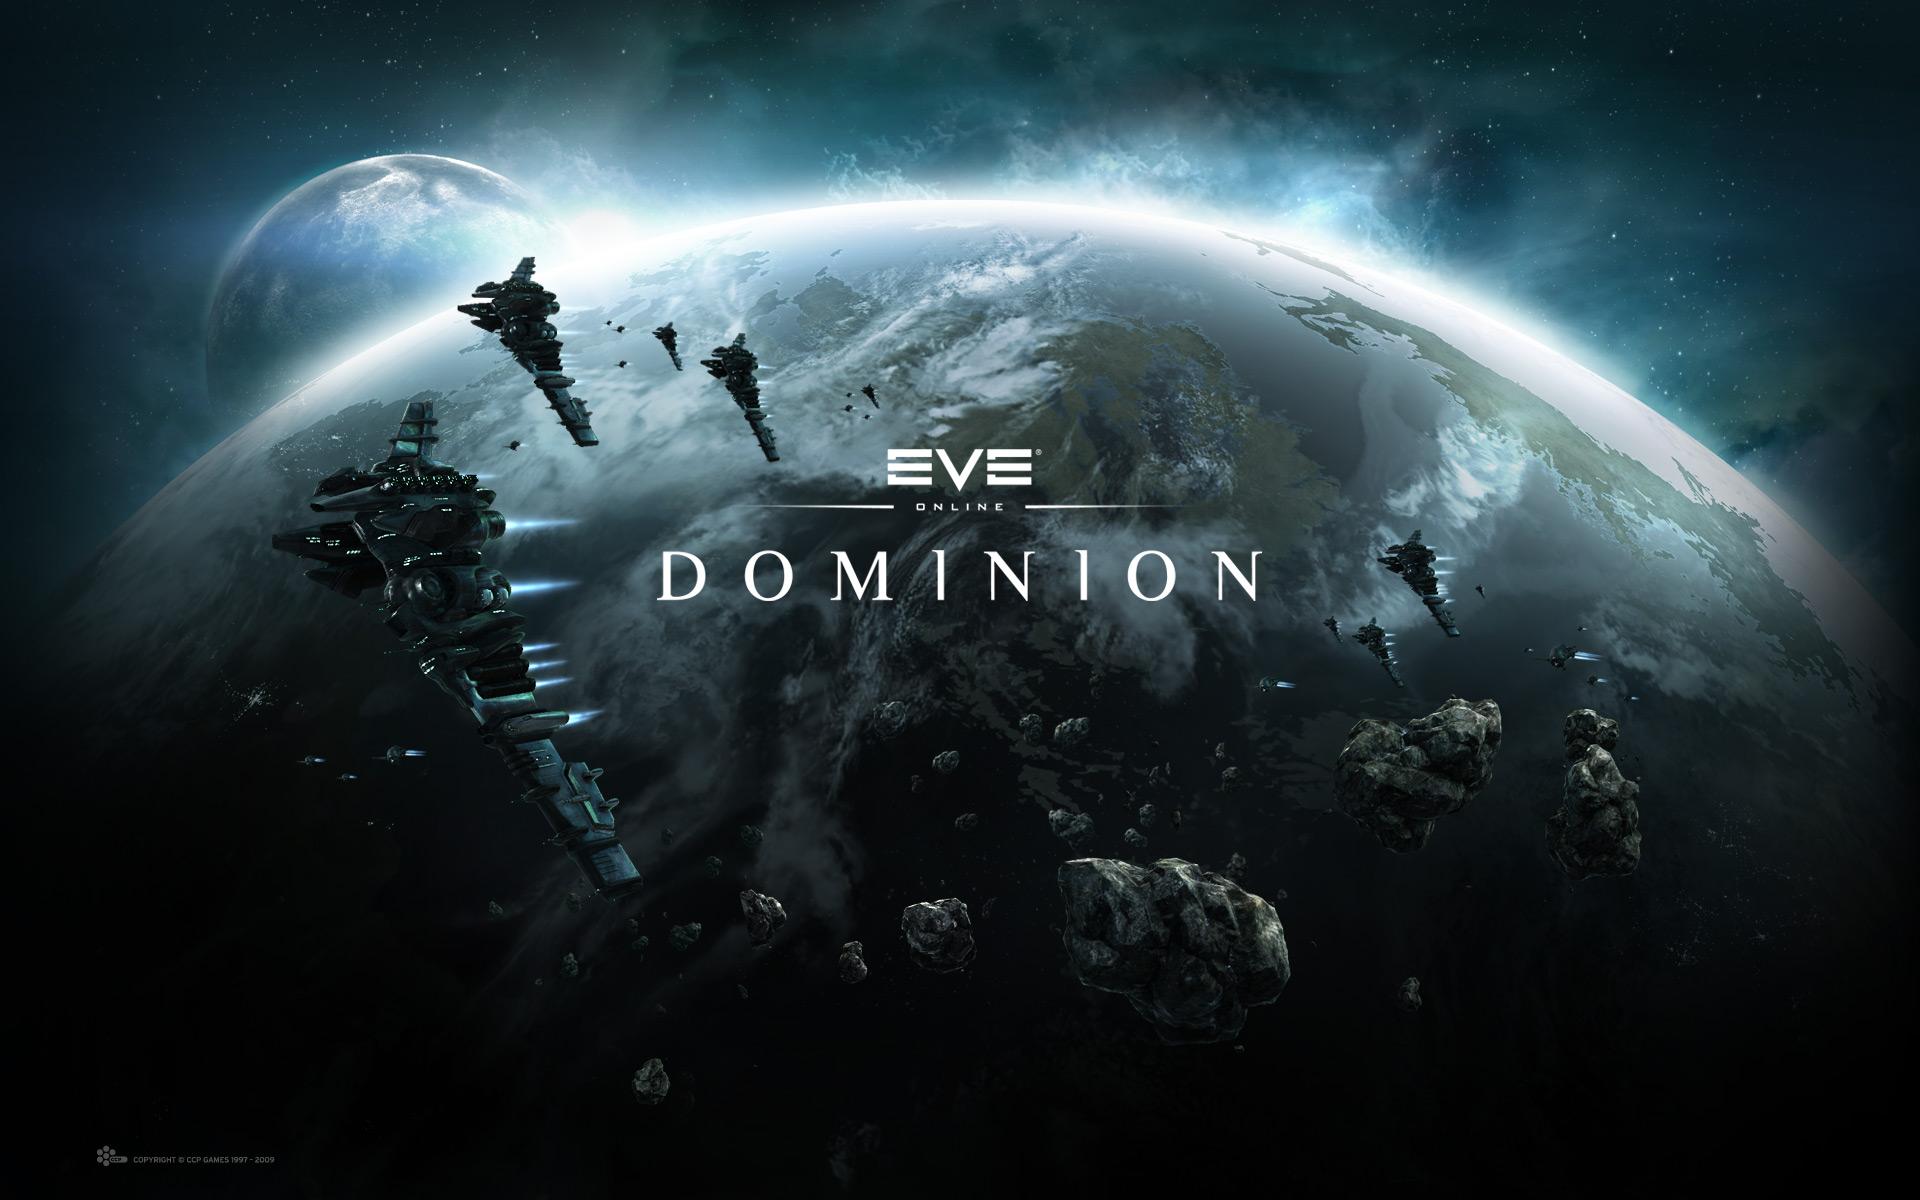 Установка обновления Dominion продлится 19 часов